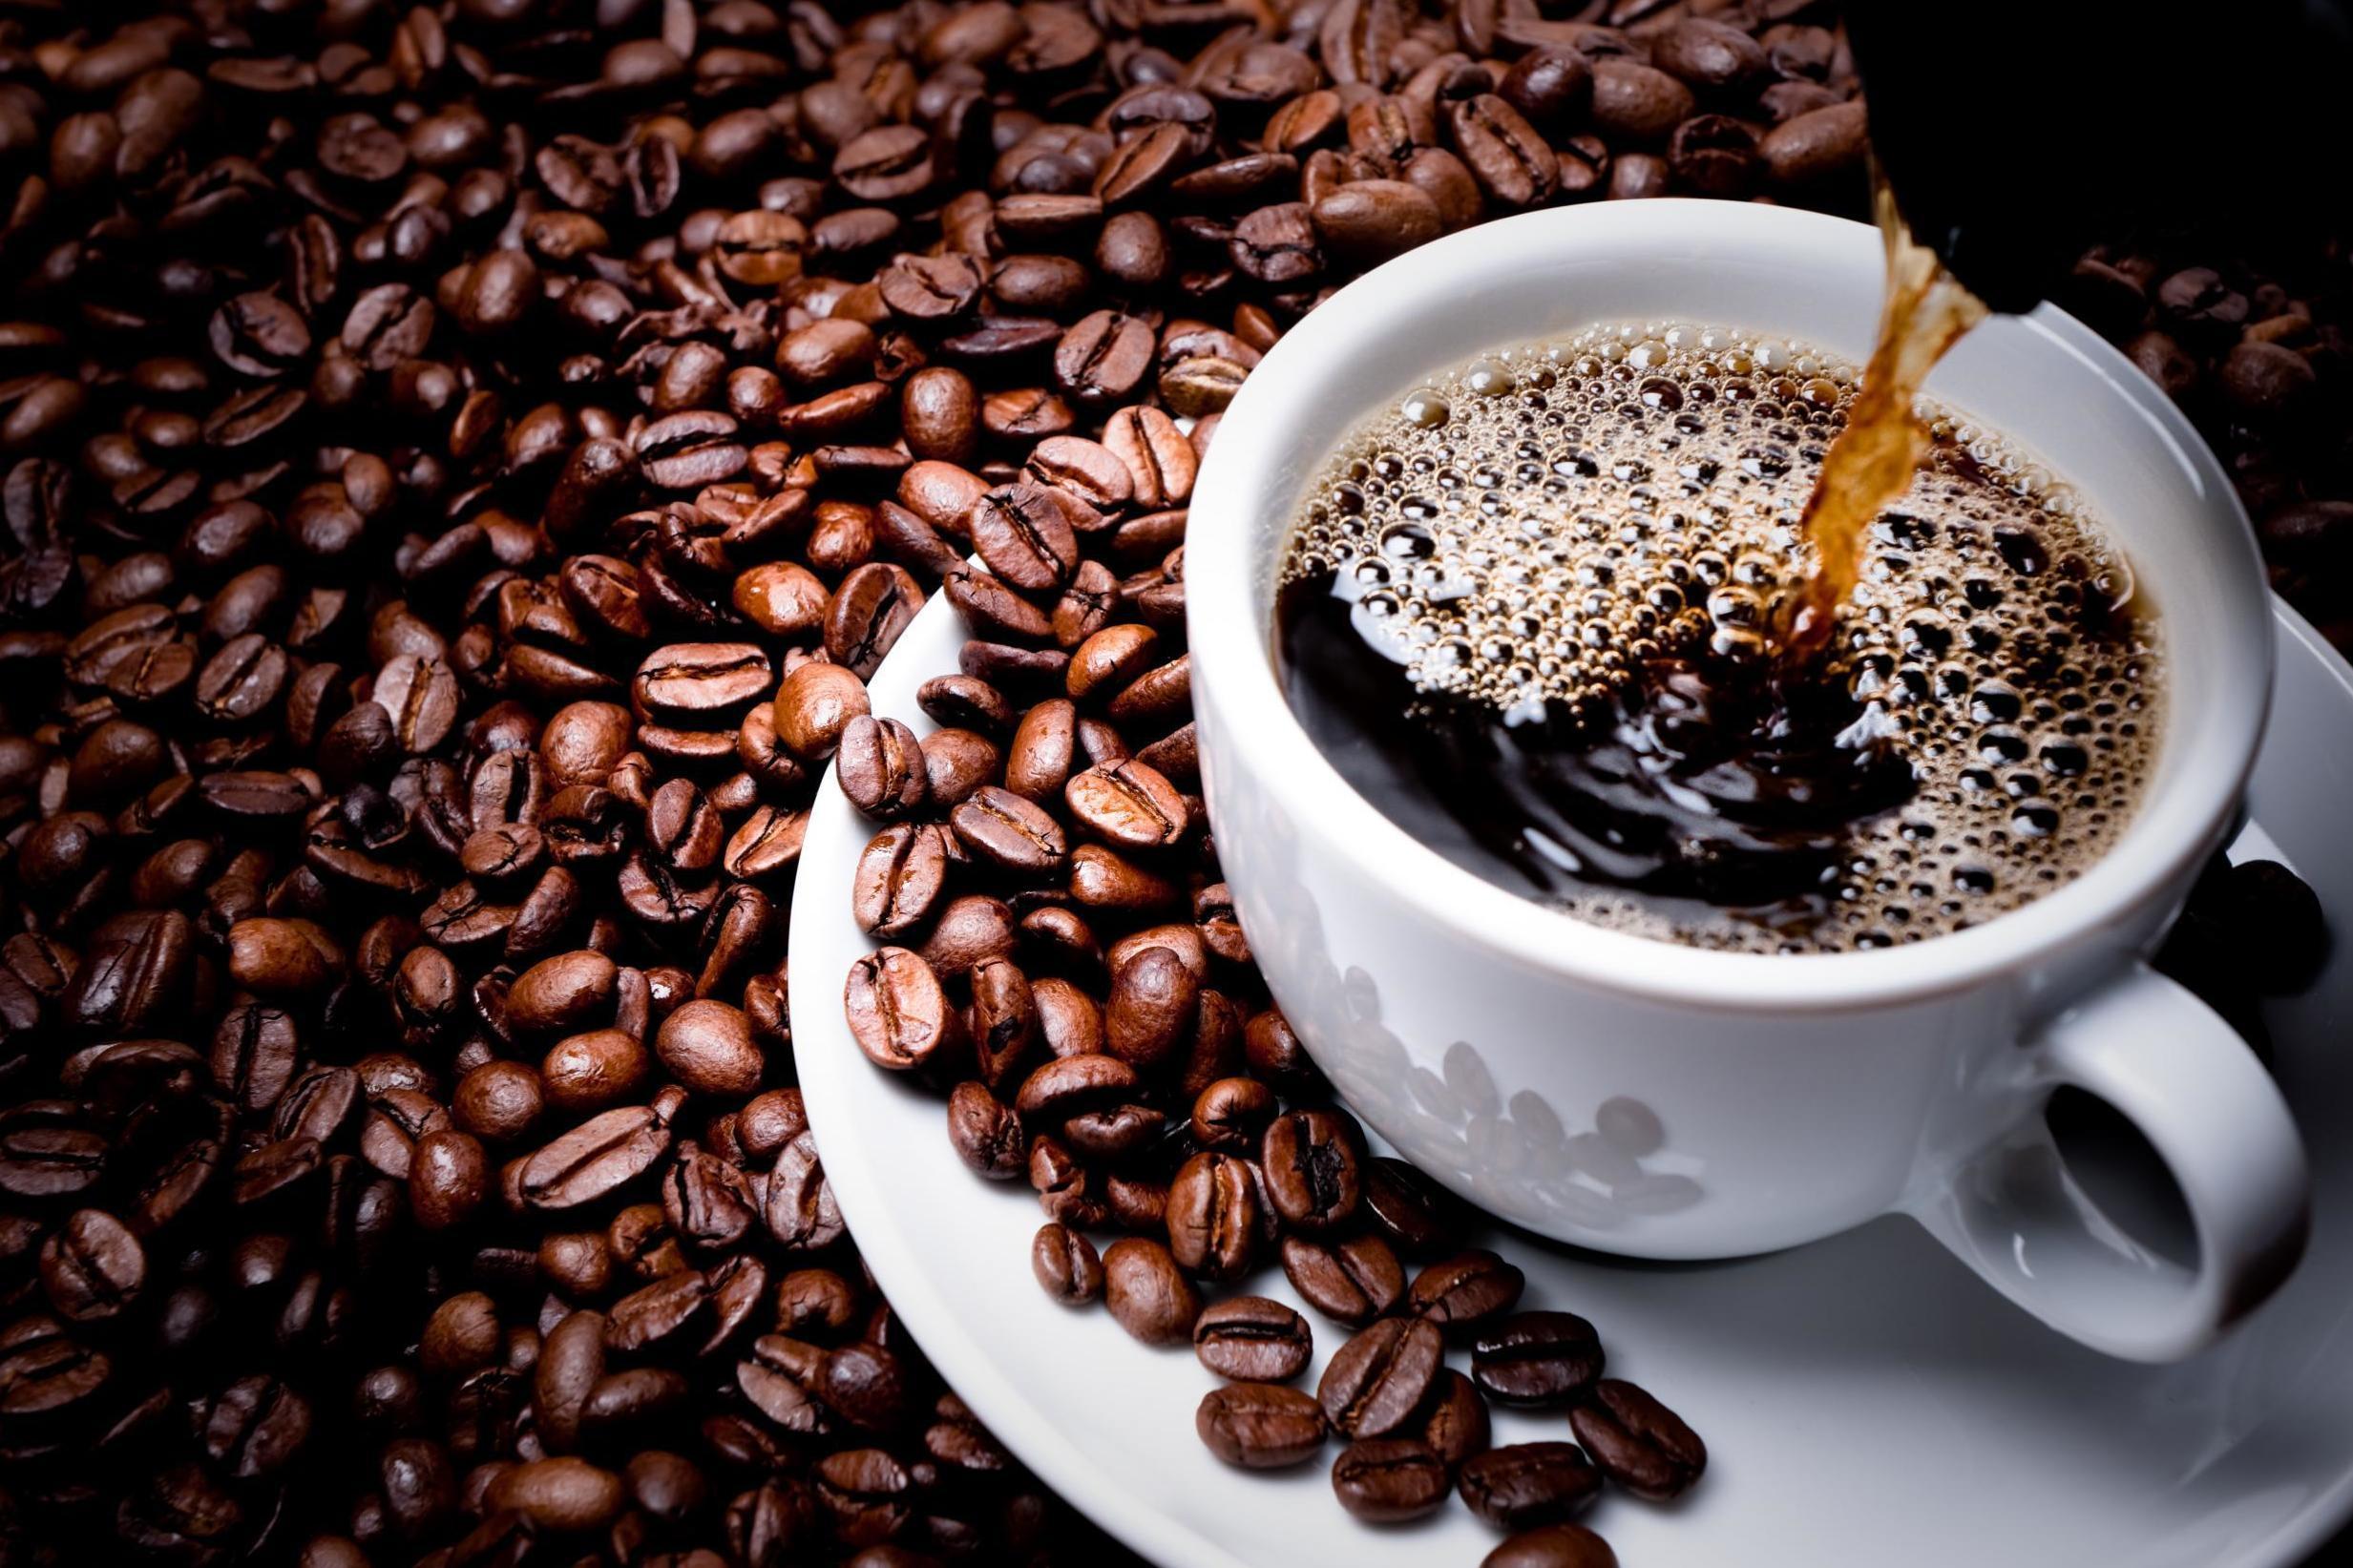 أخبار جيدة: القهوة قد تقلل انتشار سرطان القولون - كيف تساهم القهوة في التقليل من انتشار سرطان القولون - فوائد شرب القهوّة